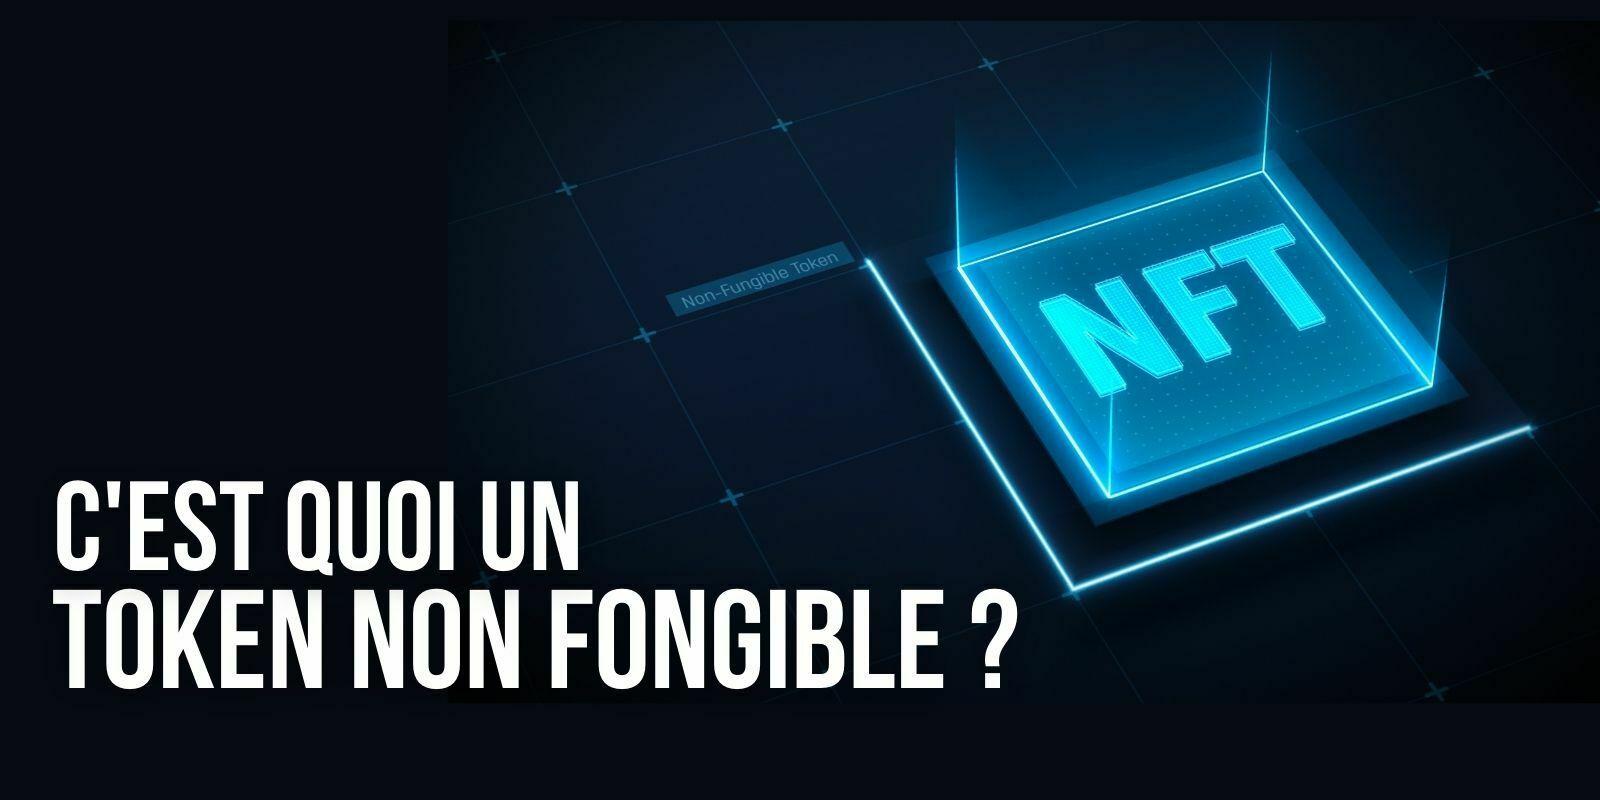 Qu'est-ce qu'un token non fongible (NFT)? – Définition et exemples